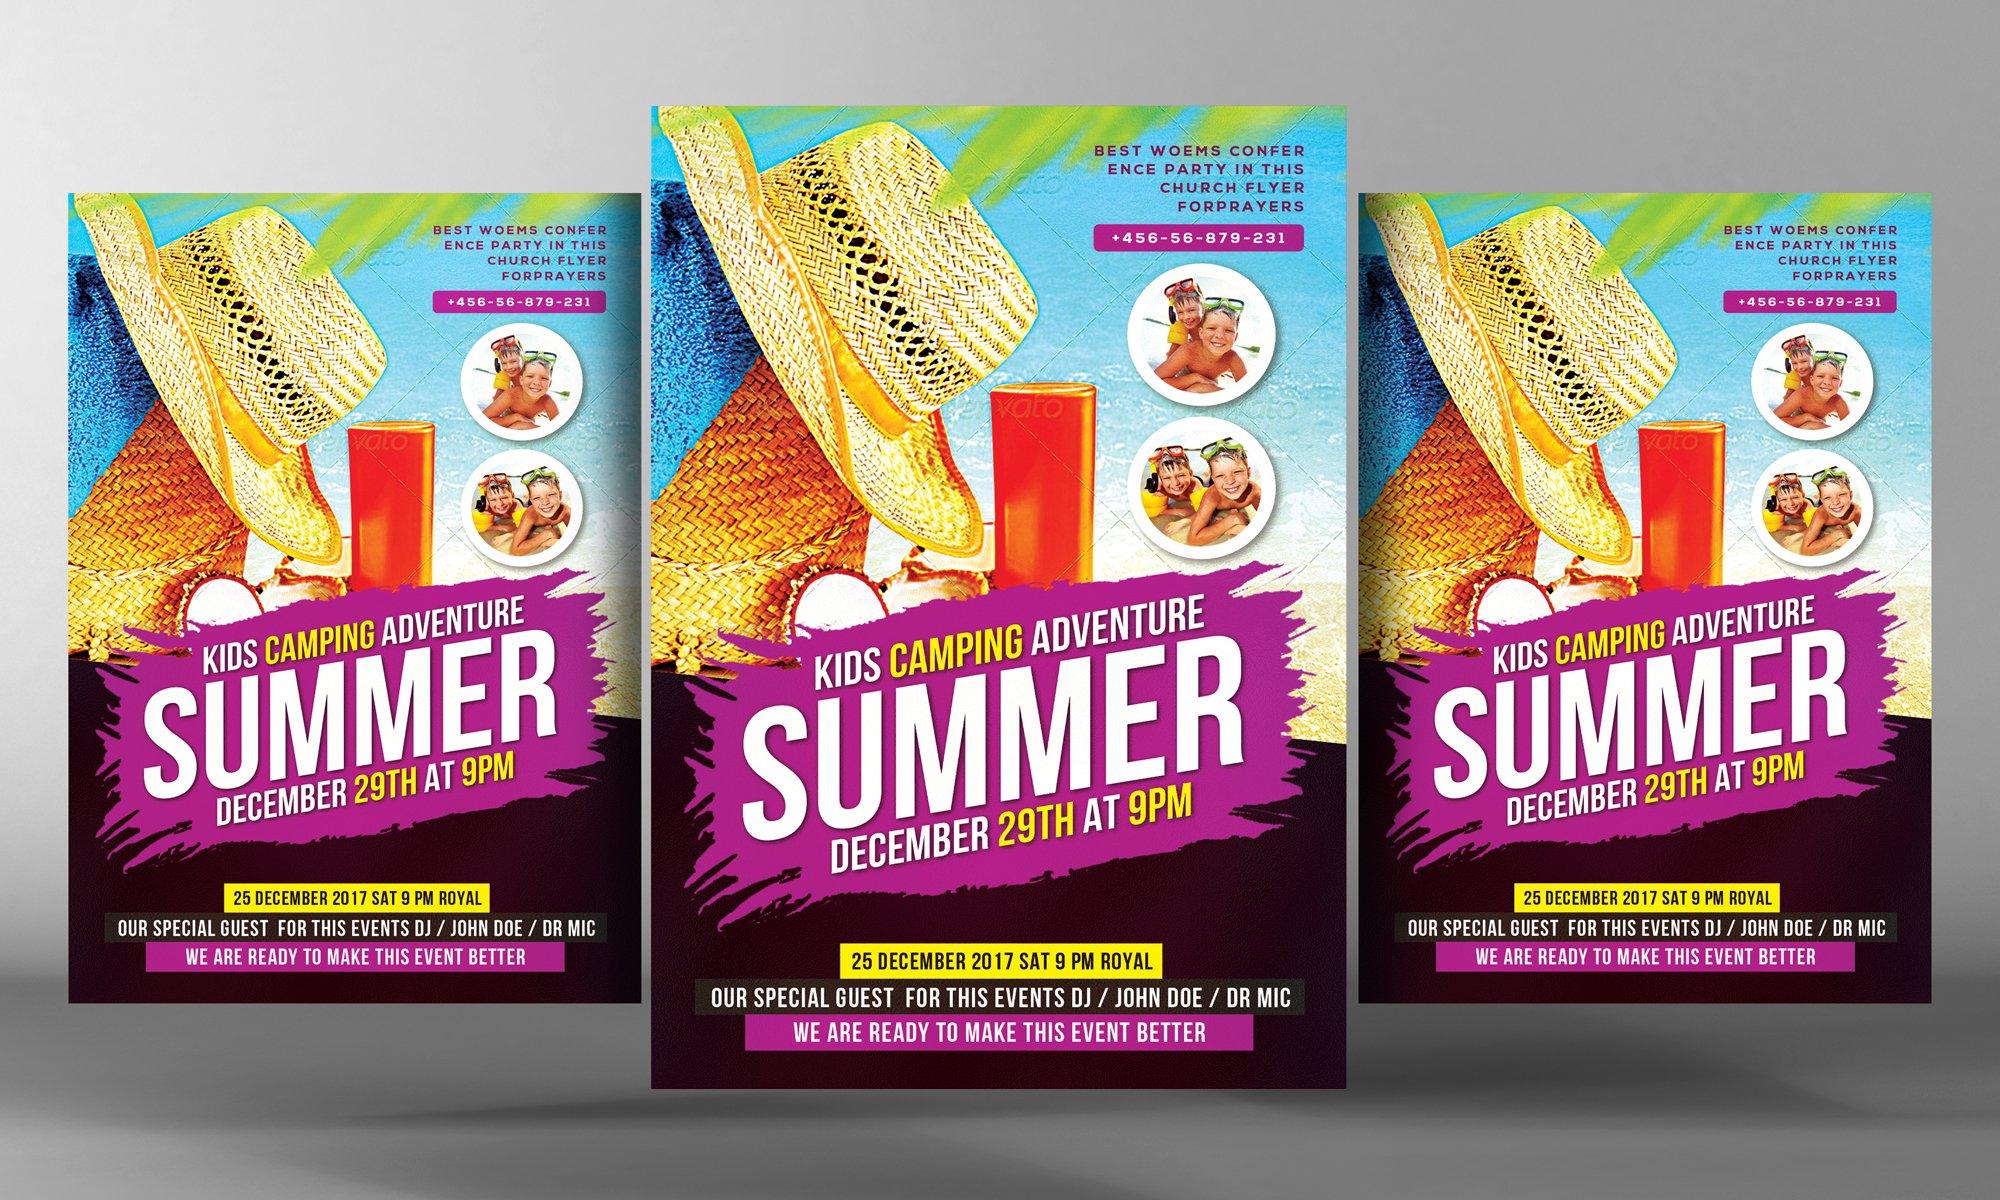 Kids Summer Camp Flyer Template Flyer Templates Creative Market – Summer Camp Flyer Template